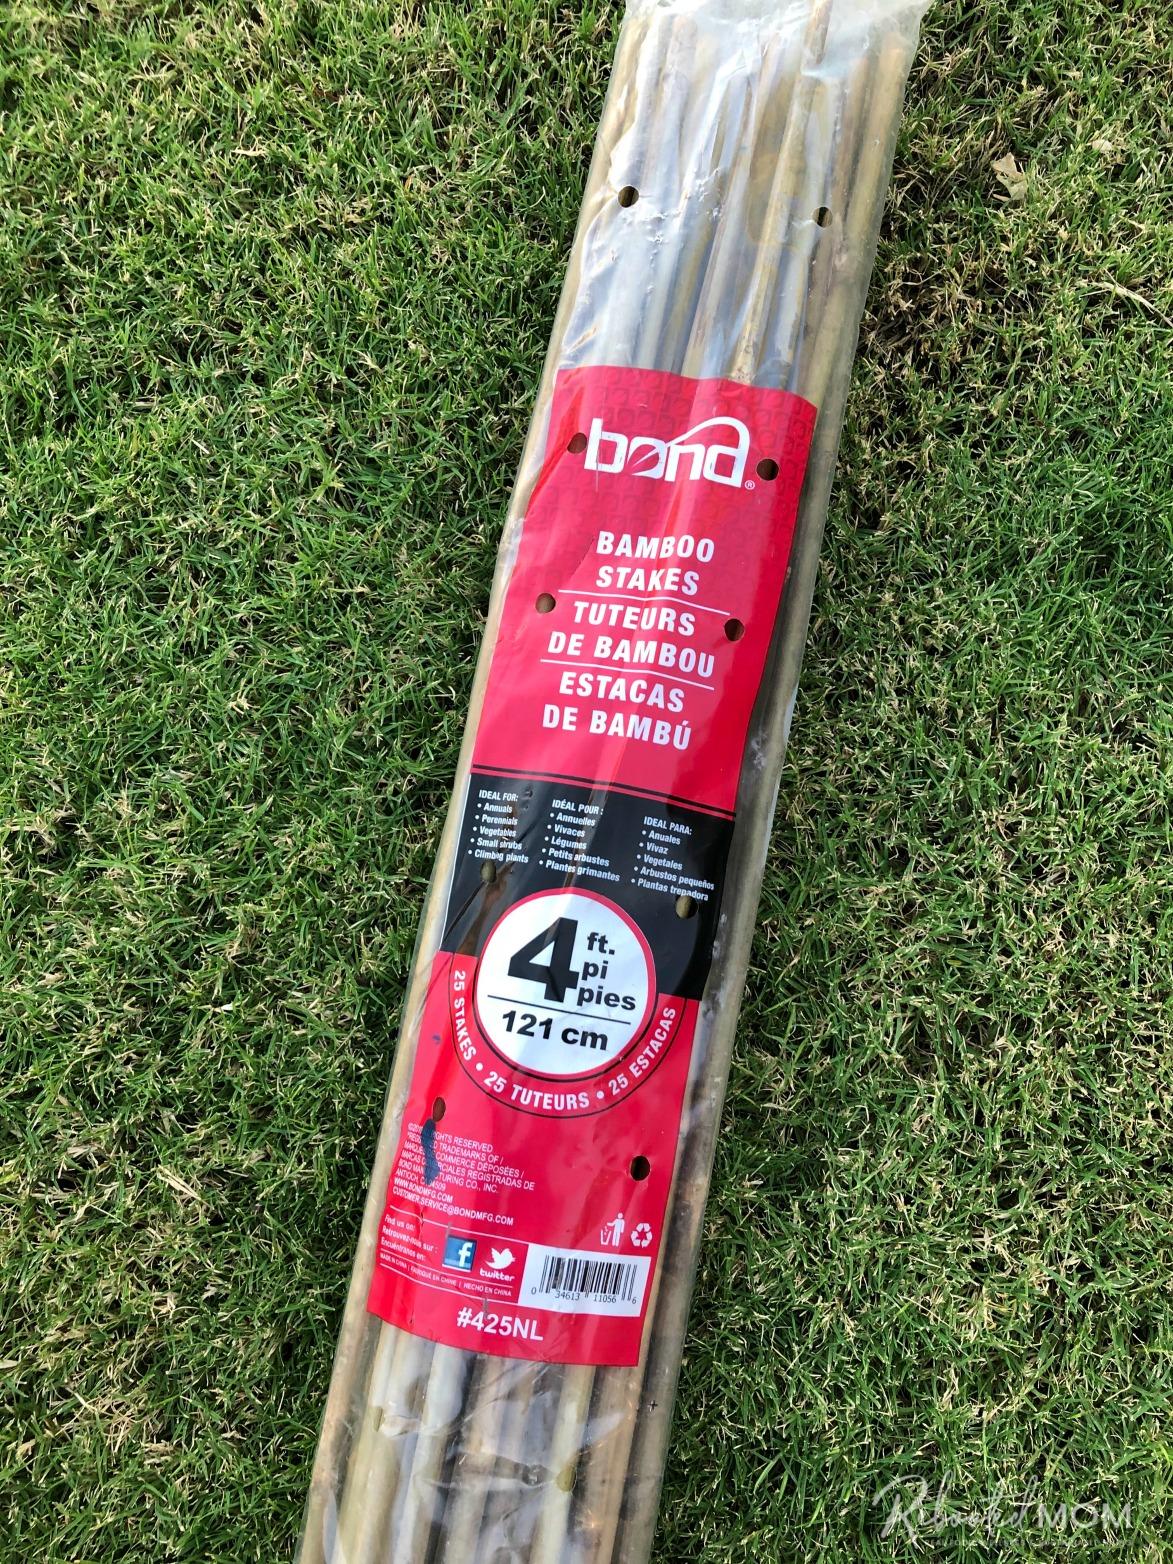 Bamboo Poles for a DIY Bamboo Trellis